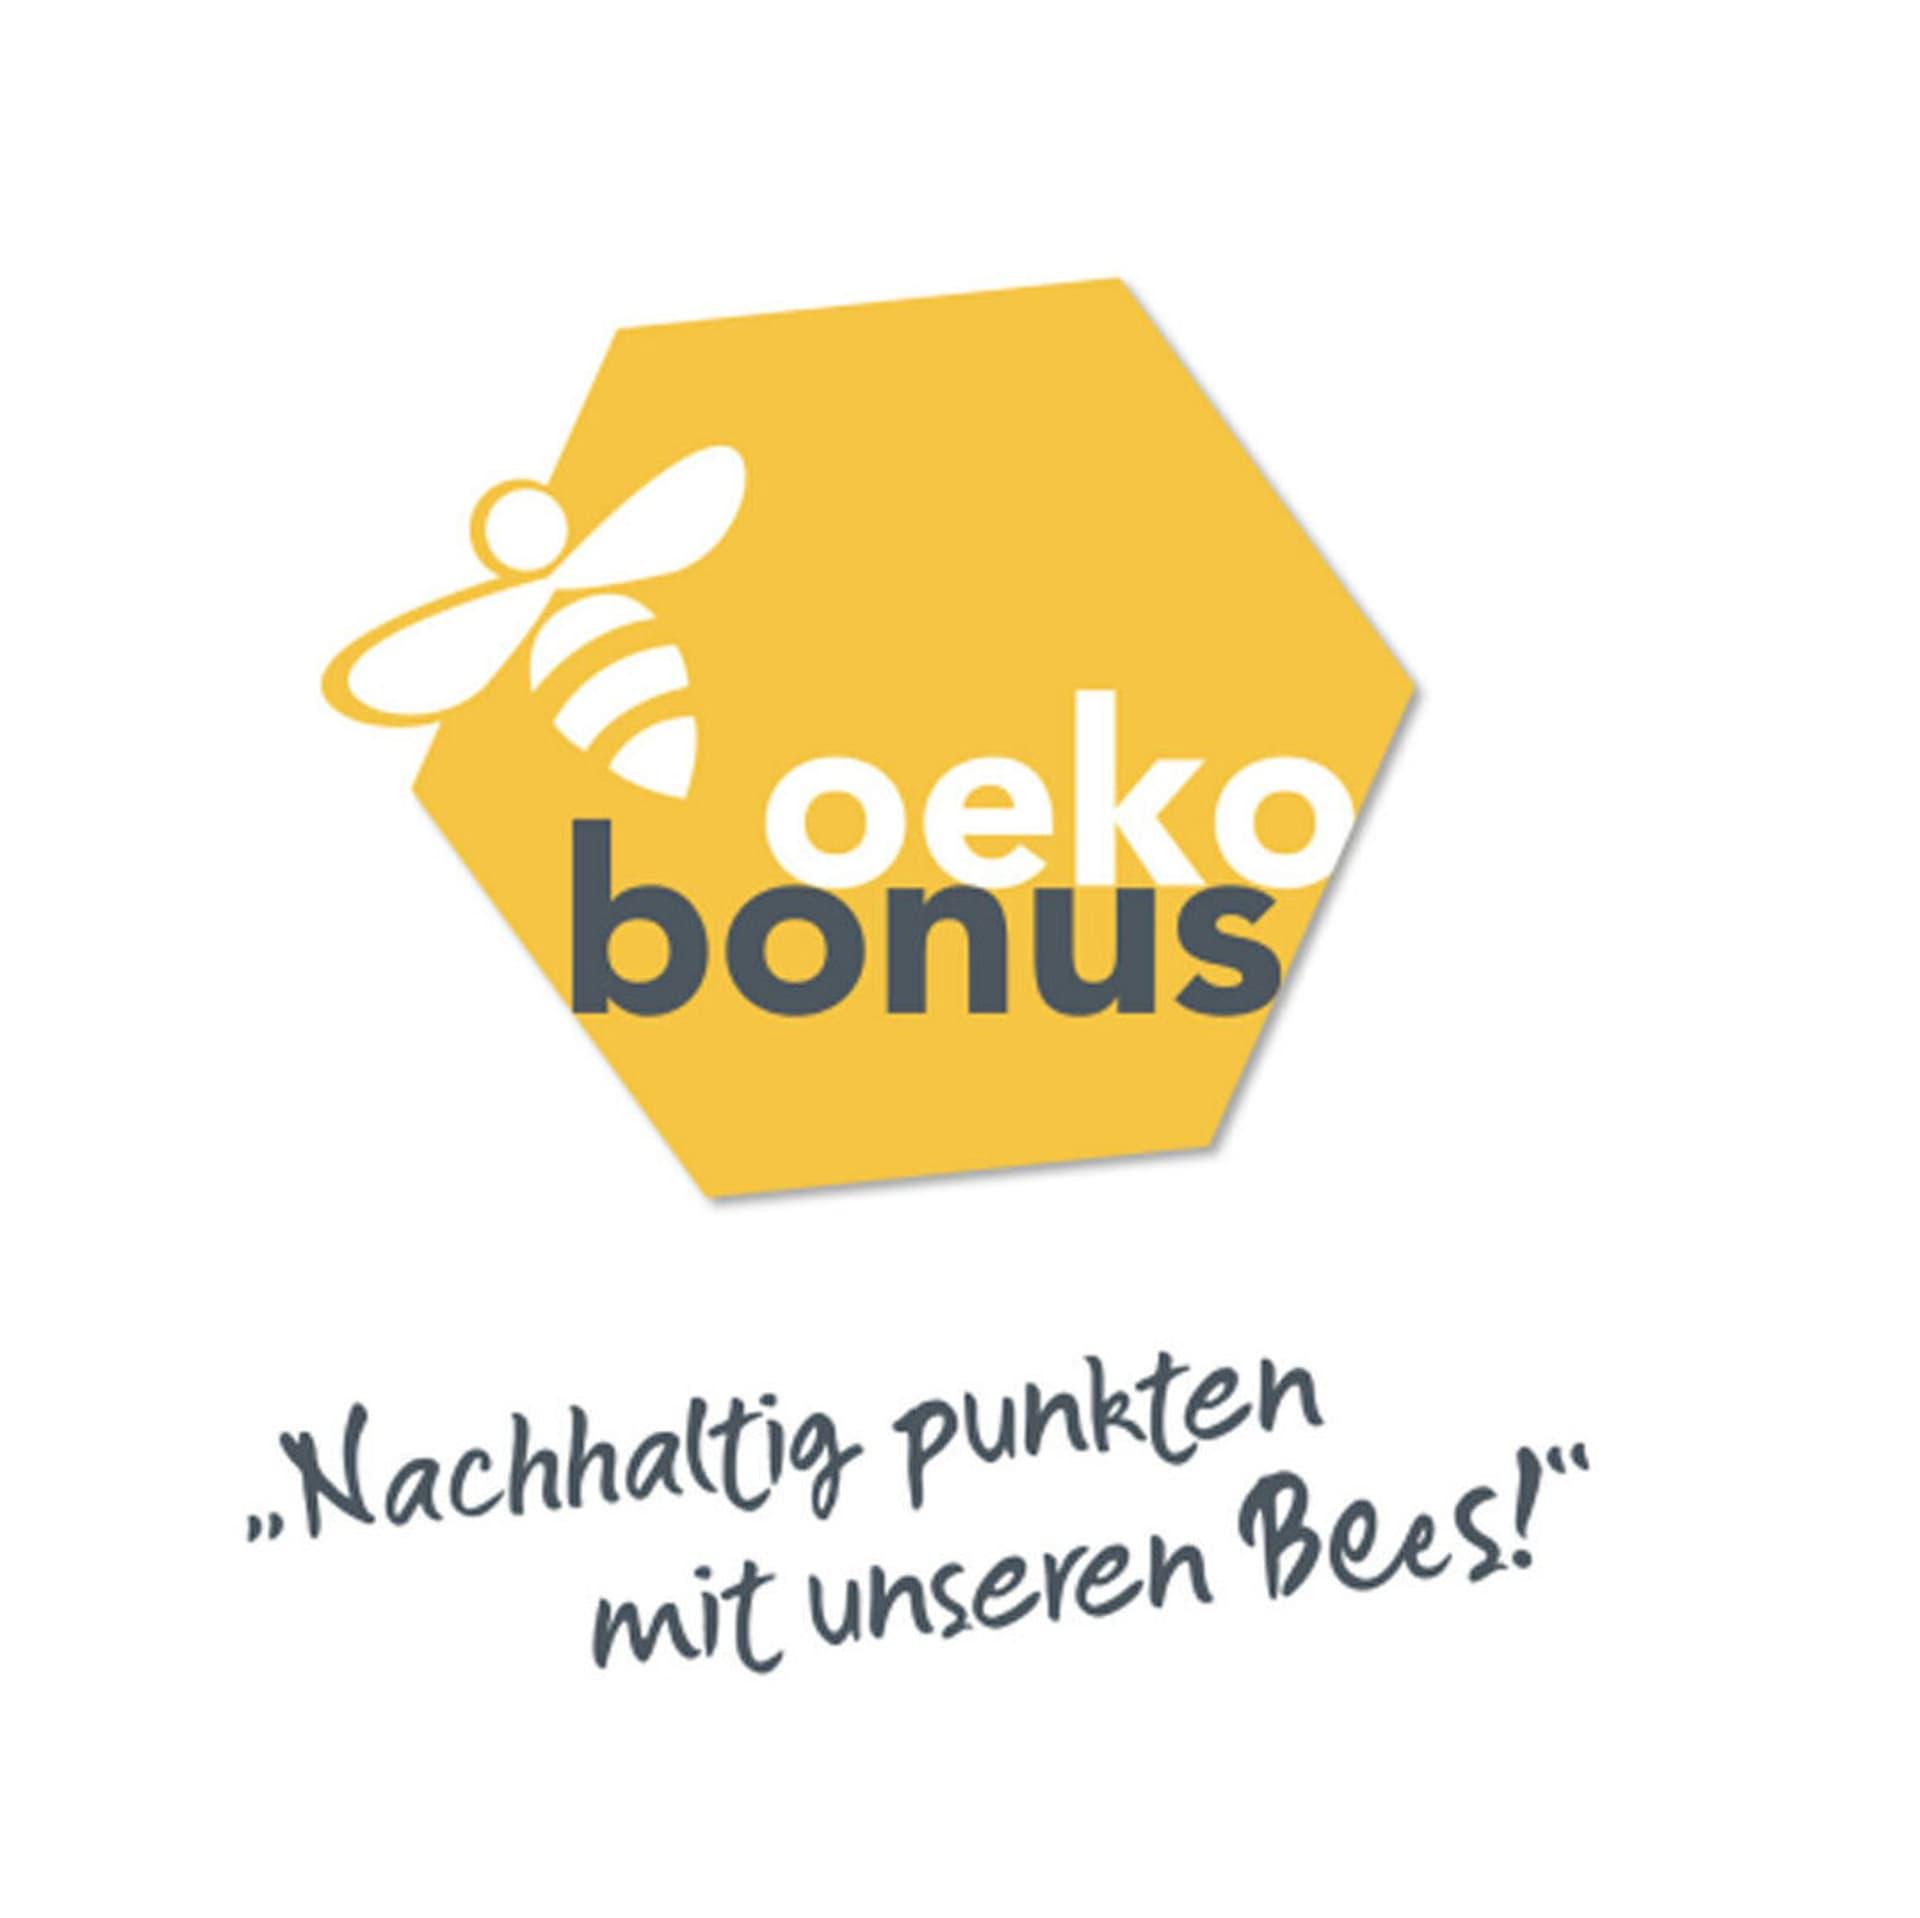 Logo Oekobonus